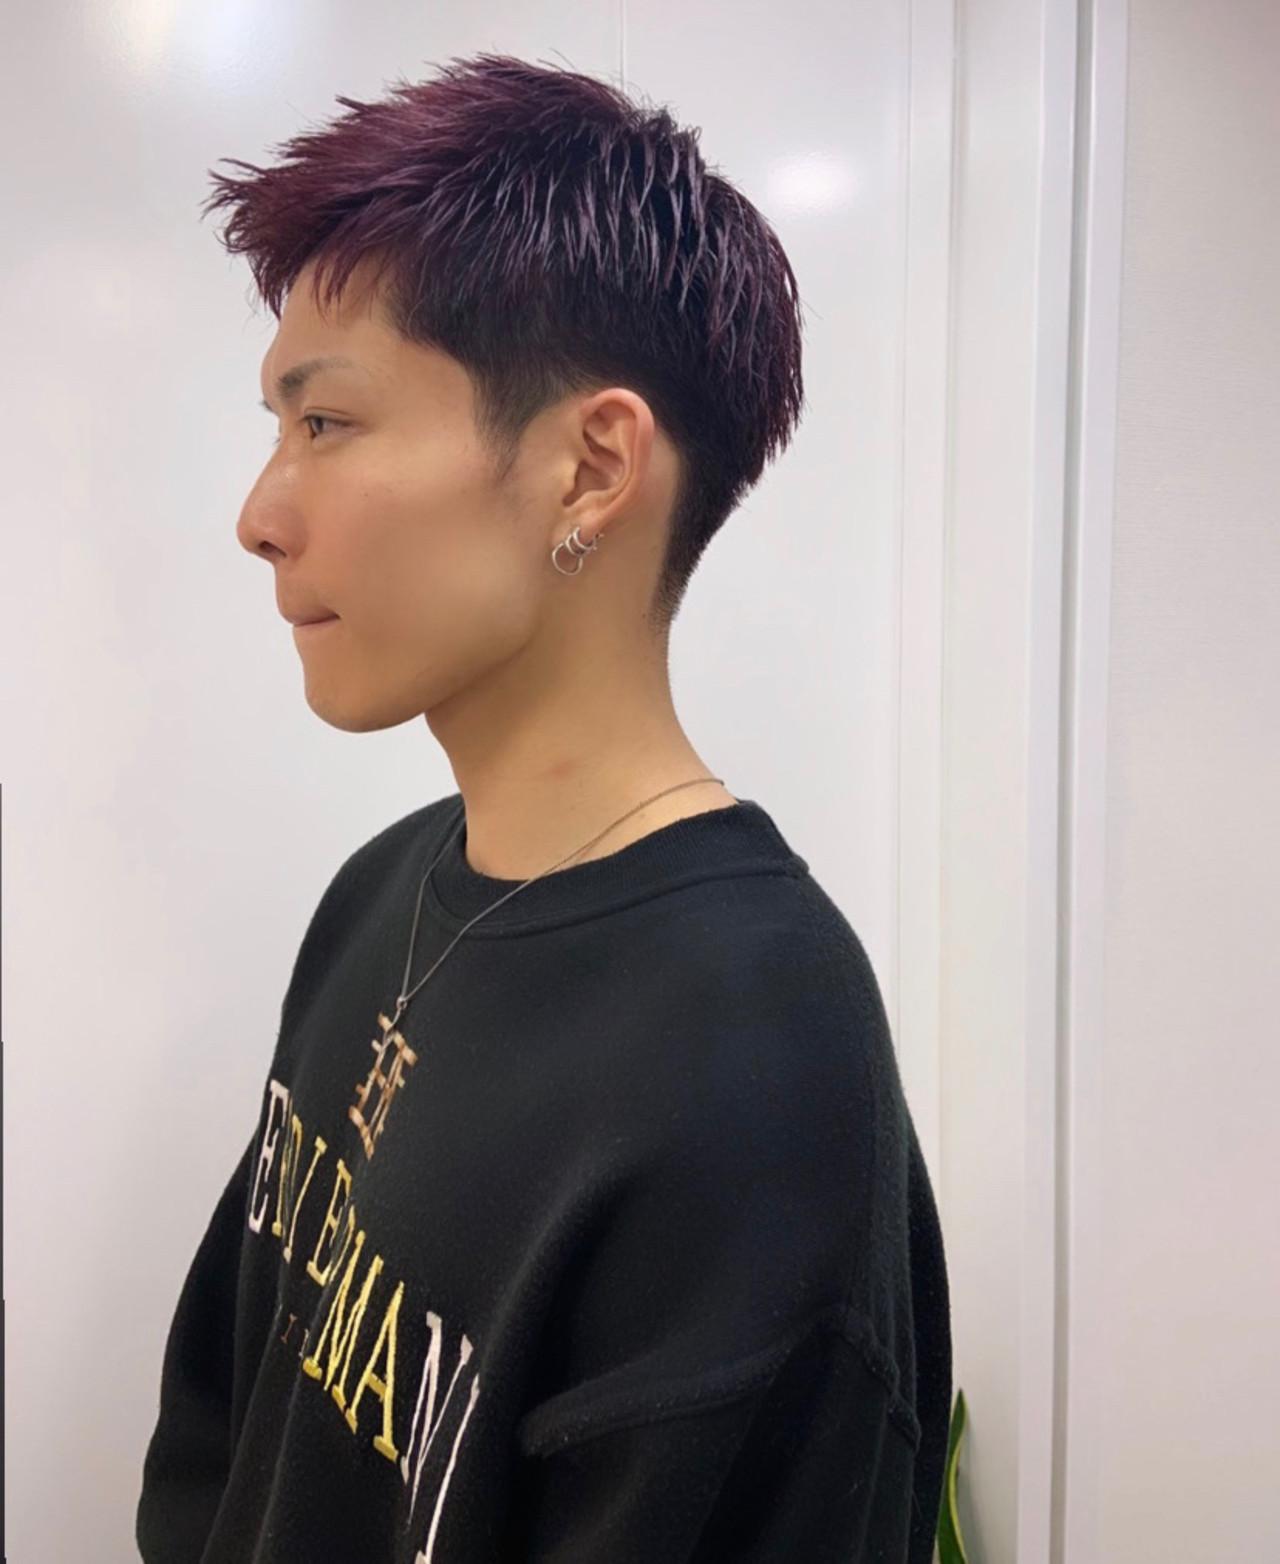 ストリート ショート メンズカラー メンズ ヘアスタイルや髪型の写真・画像 | 砂走 真希 / As hair